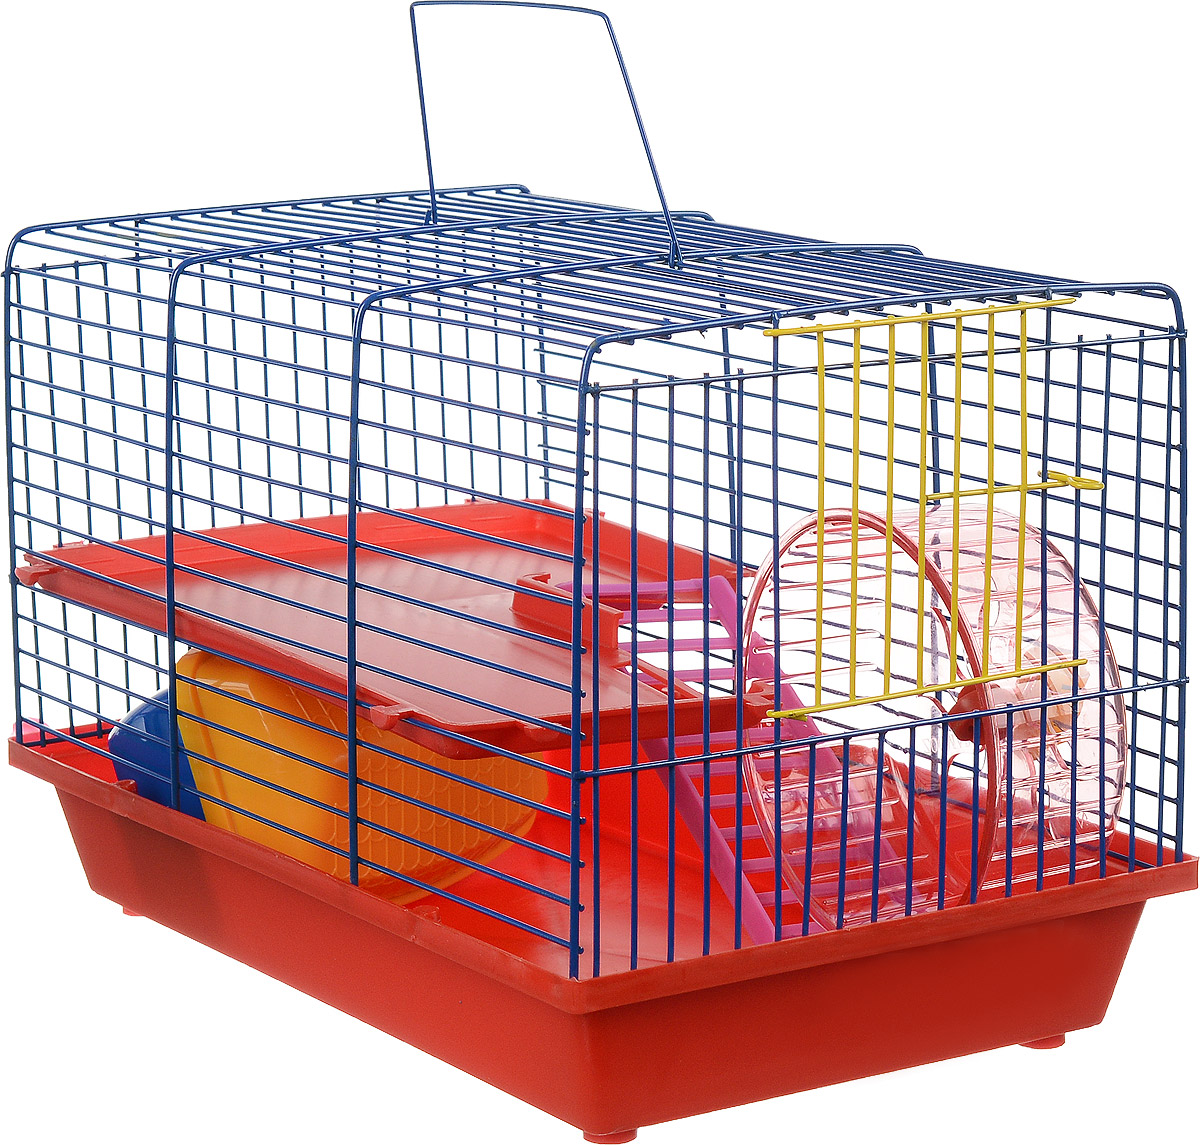 Клетка для грызунов ЗооМарк, 2-этажная, цвет: красный поддон, синяя решетка, красный этаж, 36 х 23 х 24 см125_красный, синий, красныйКлетка ЗооМарк, выполненная из полипропилена и металла, подходит для мелких грызунов. Изделие двухэтажное, оборудовано колесом для подвижных игр и пластиковым домиком. Клетка имеет яркий поддон, удобна в использовании и легко чистится. Сверху имеется ручка для переноски. Такая клетка станет уединенным личным пространством и уютным домиком для маленького грызуна.